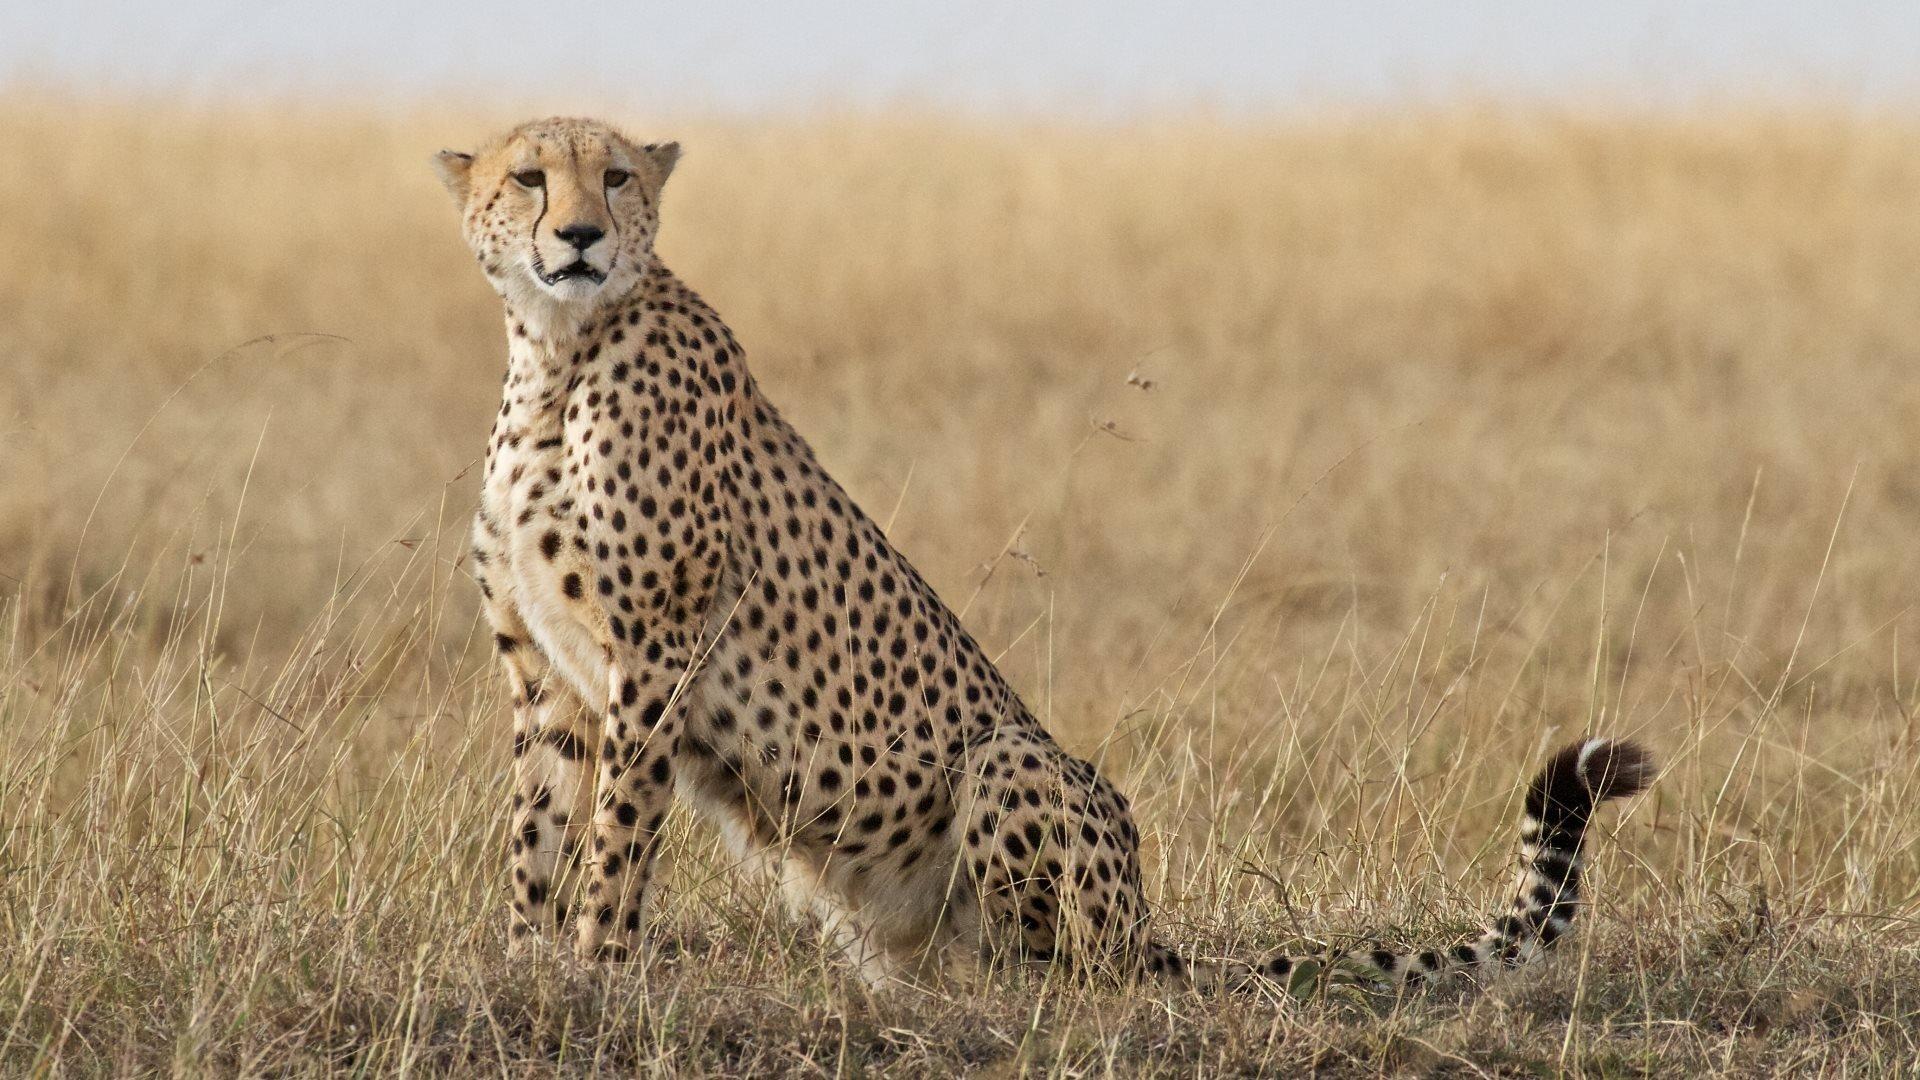 cheetah wallpaper hd wallpapersafari